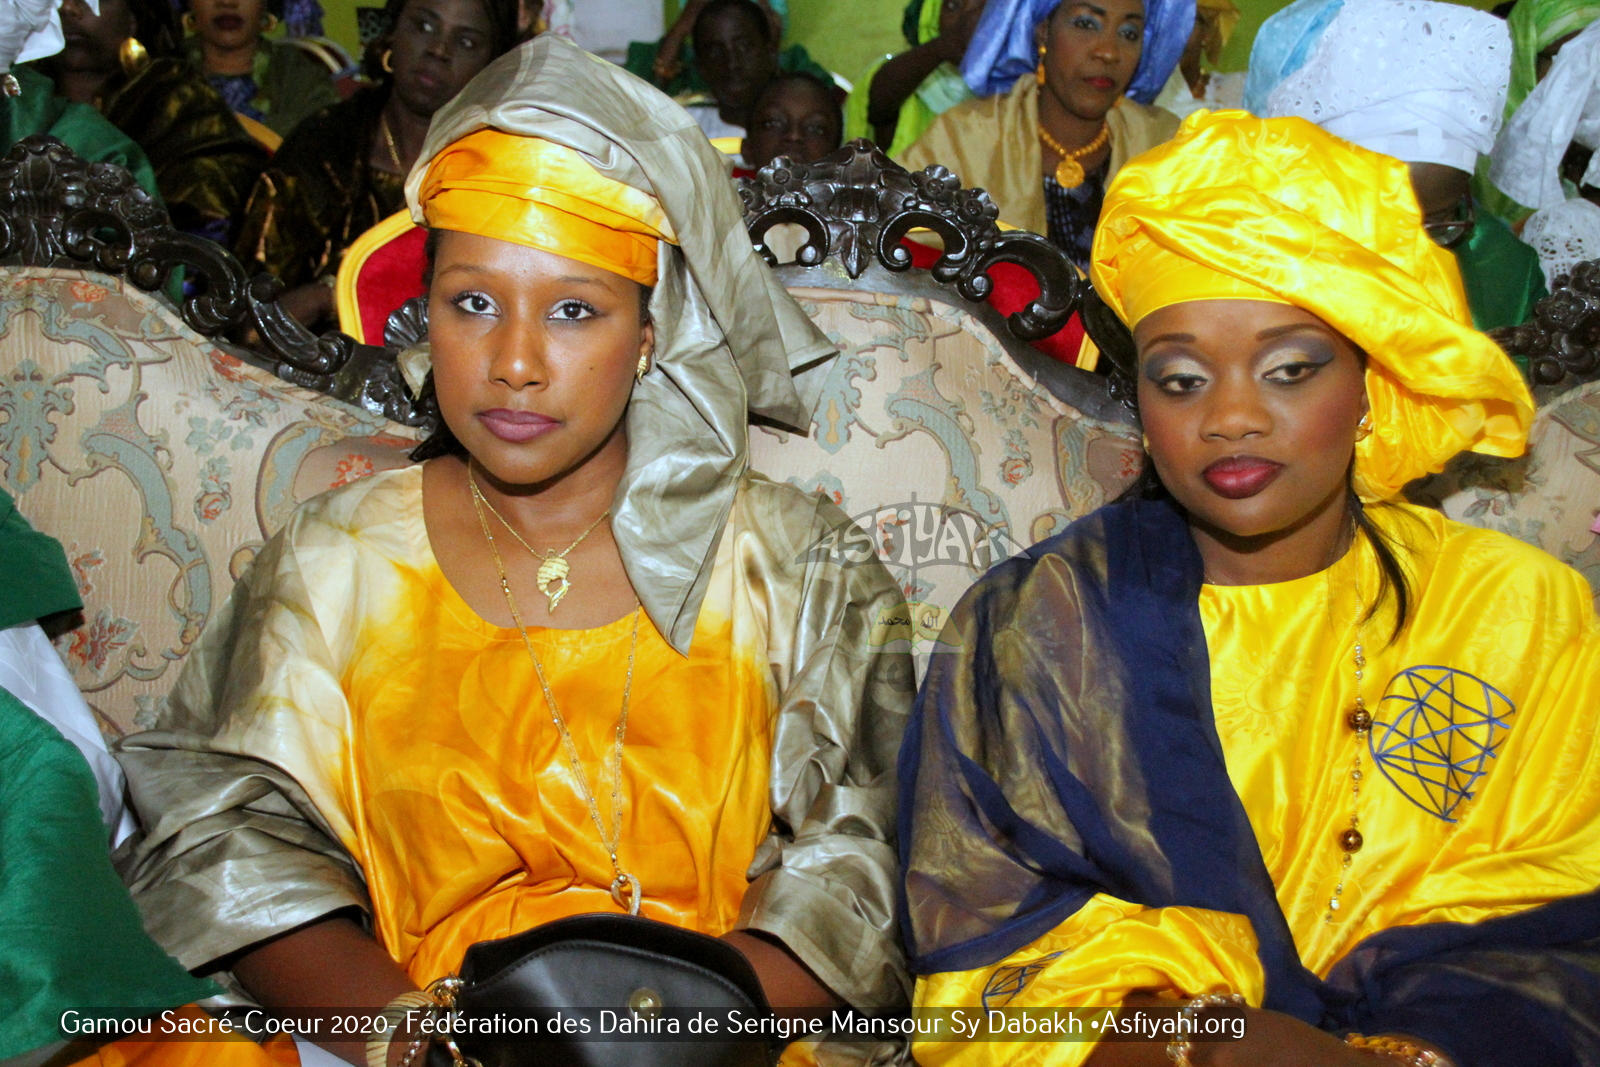 PHOTOS - ALBUM 2 - SACRE-COEUR 3 - Les Images du Gamou de la Fédération des Dahiras de Serigne Mansour Sy Dabakh